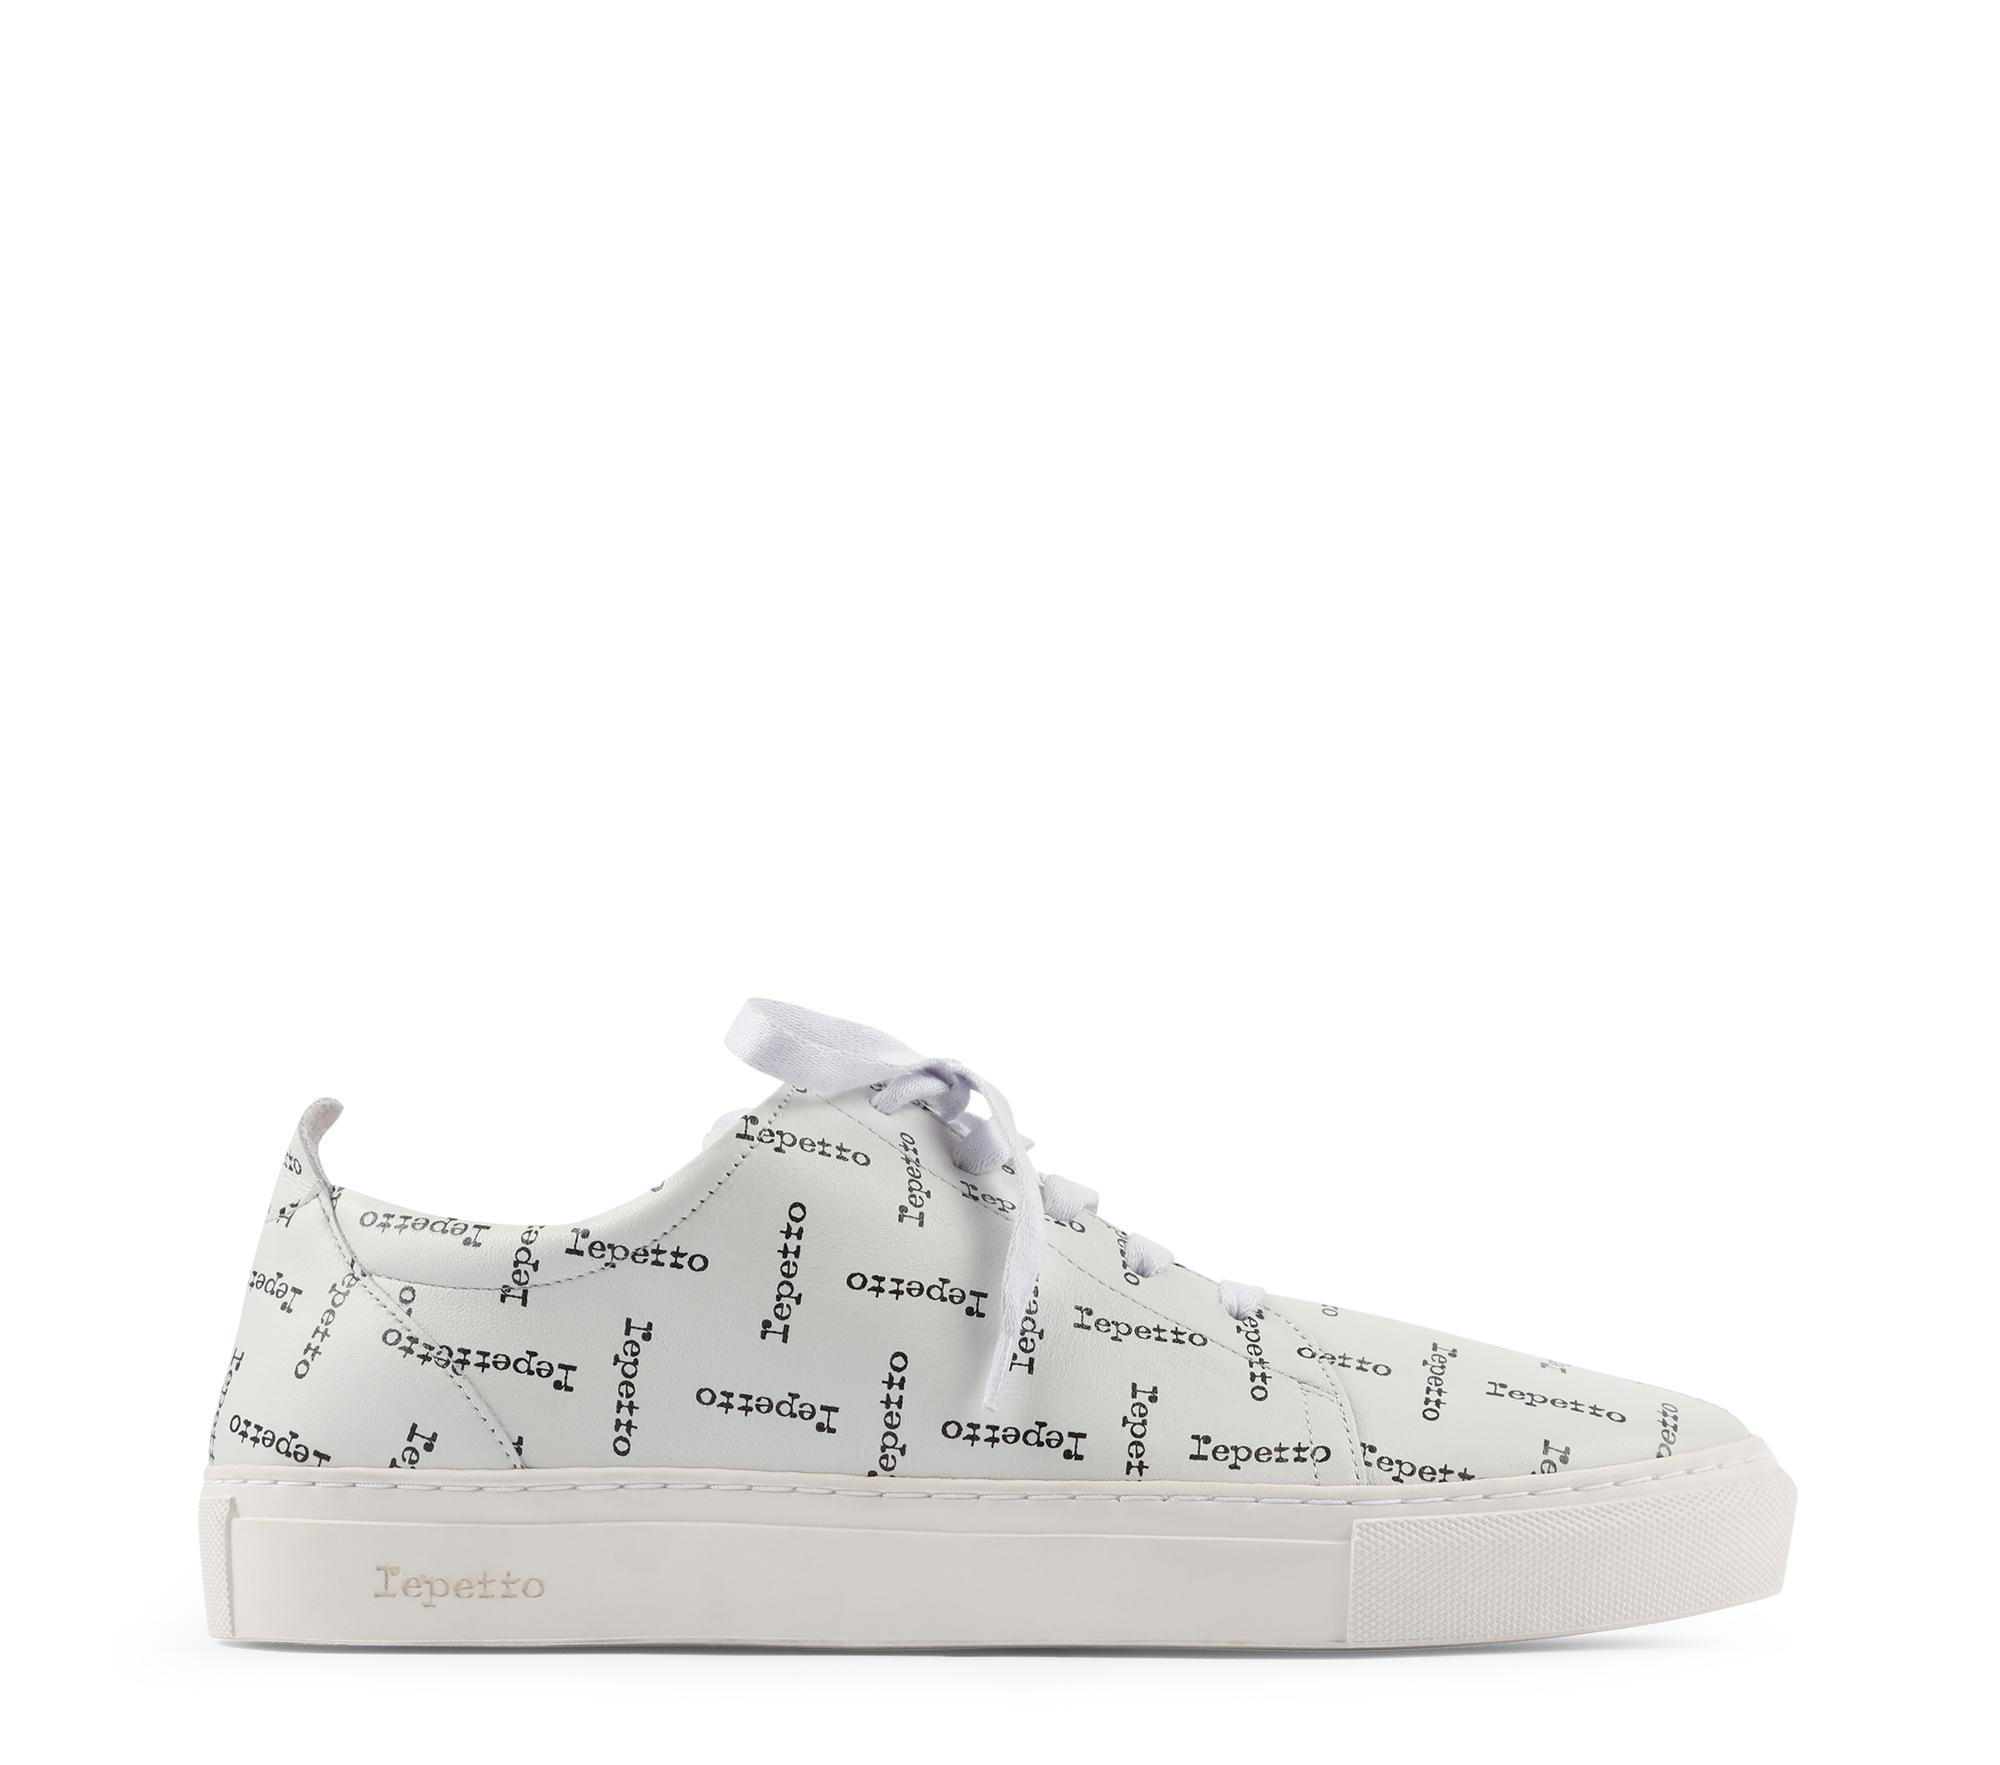 Fanfan sneakers - Men